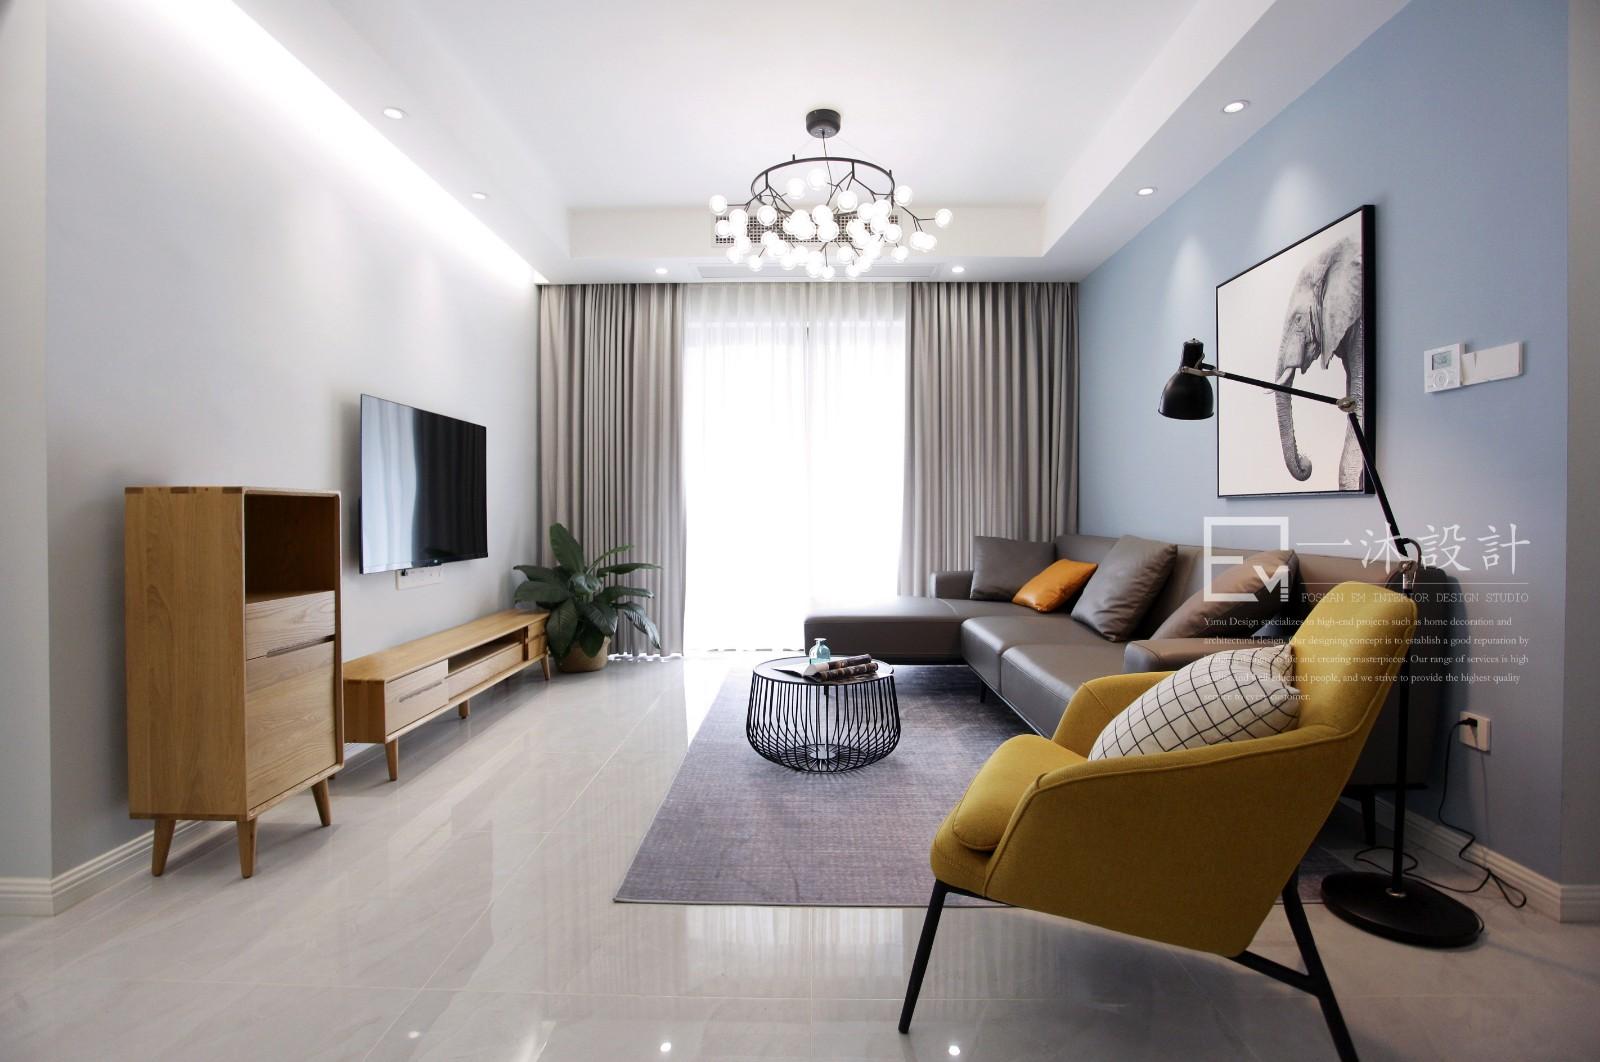 一沐设计原创实景丨「蔚蓝*」客厅现代简约客厅设计图片赏析